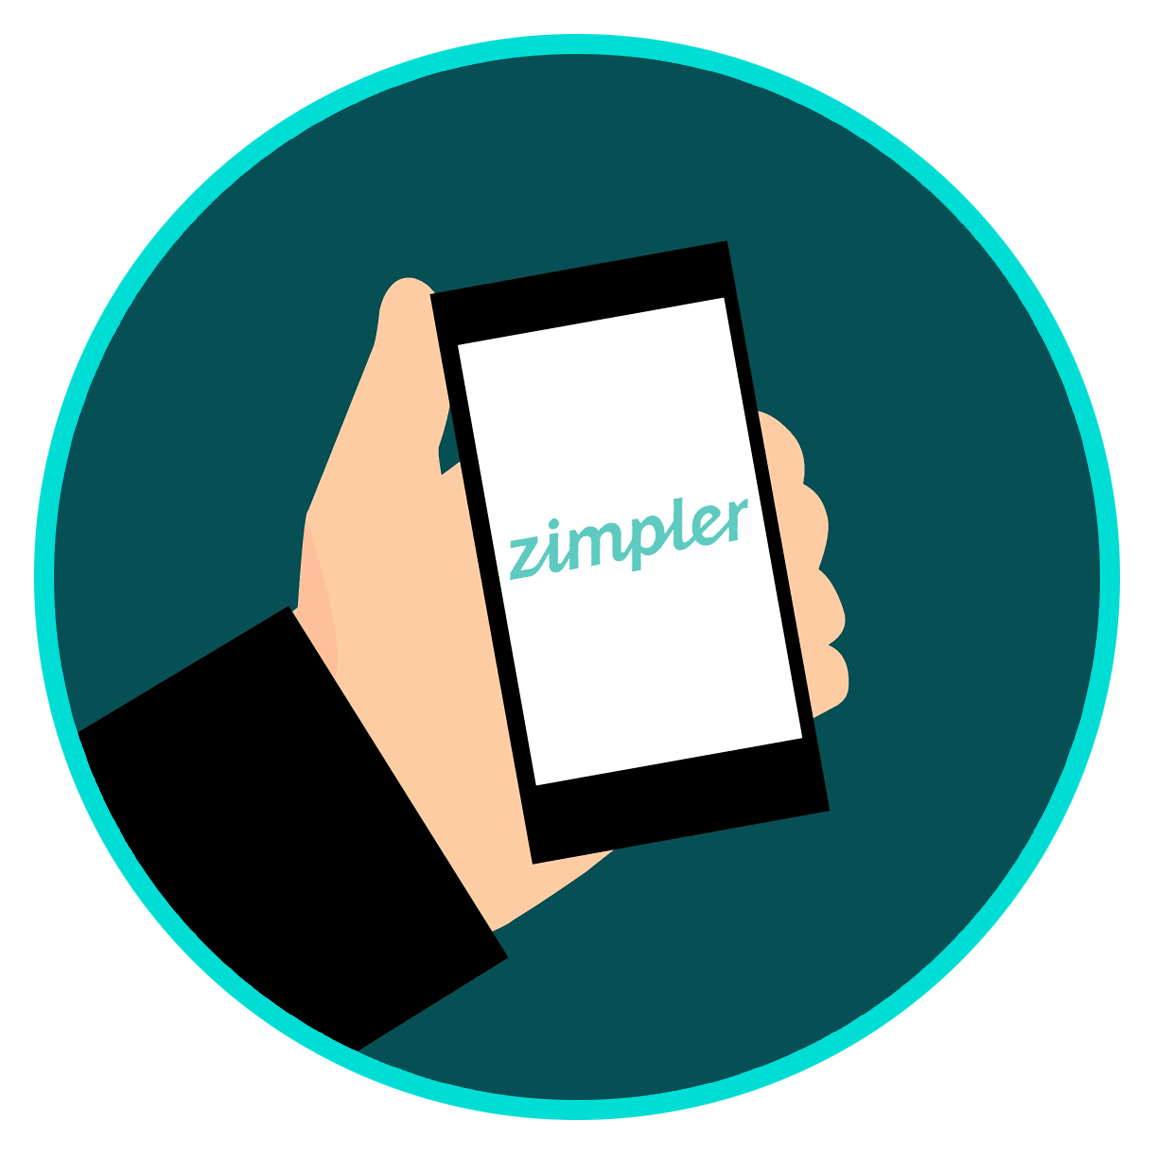 zimpler mobil